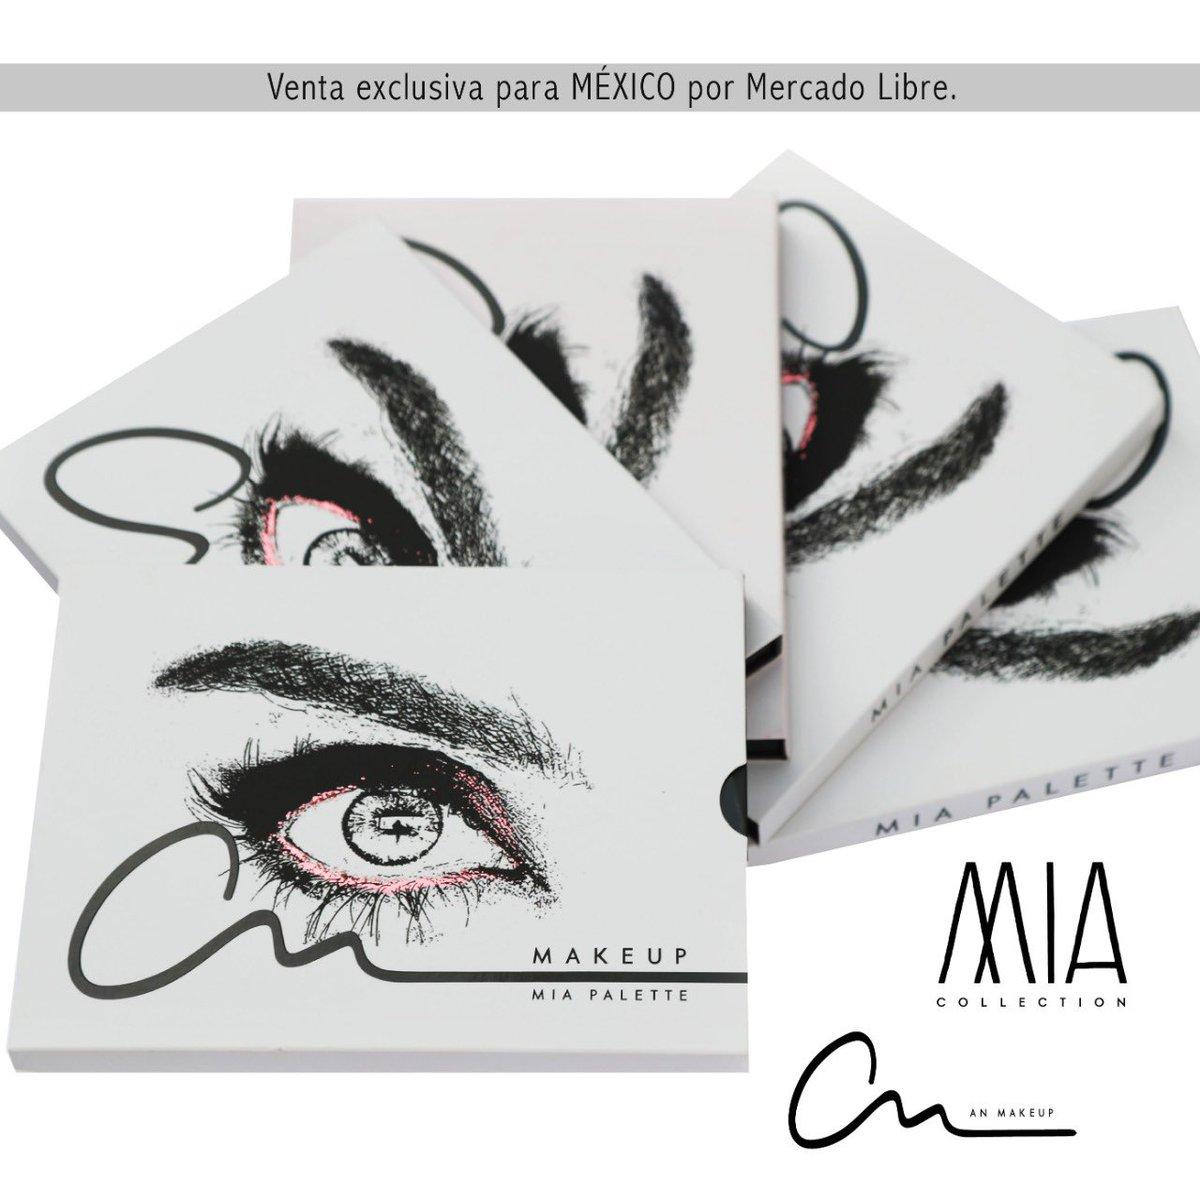 ¿Quieres una paleta que te permita crear cualquieeeeer look? ✨ ⭐MIA PALETTE⭐ de venta en exclusiva @mercadolibre.mx #anmakeup1111 #BecomeYourDream @anahi . . . . . . . #makeuplovers #makeupartists #makeupdreamers #makeup #eyeshadows #anahi